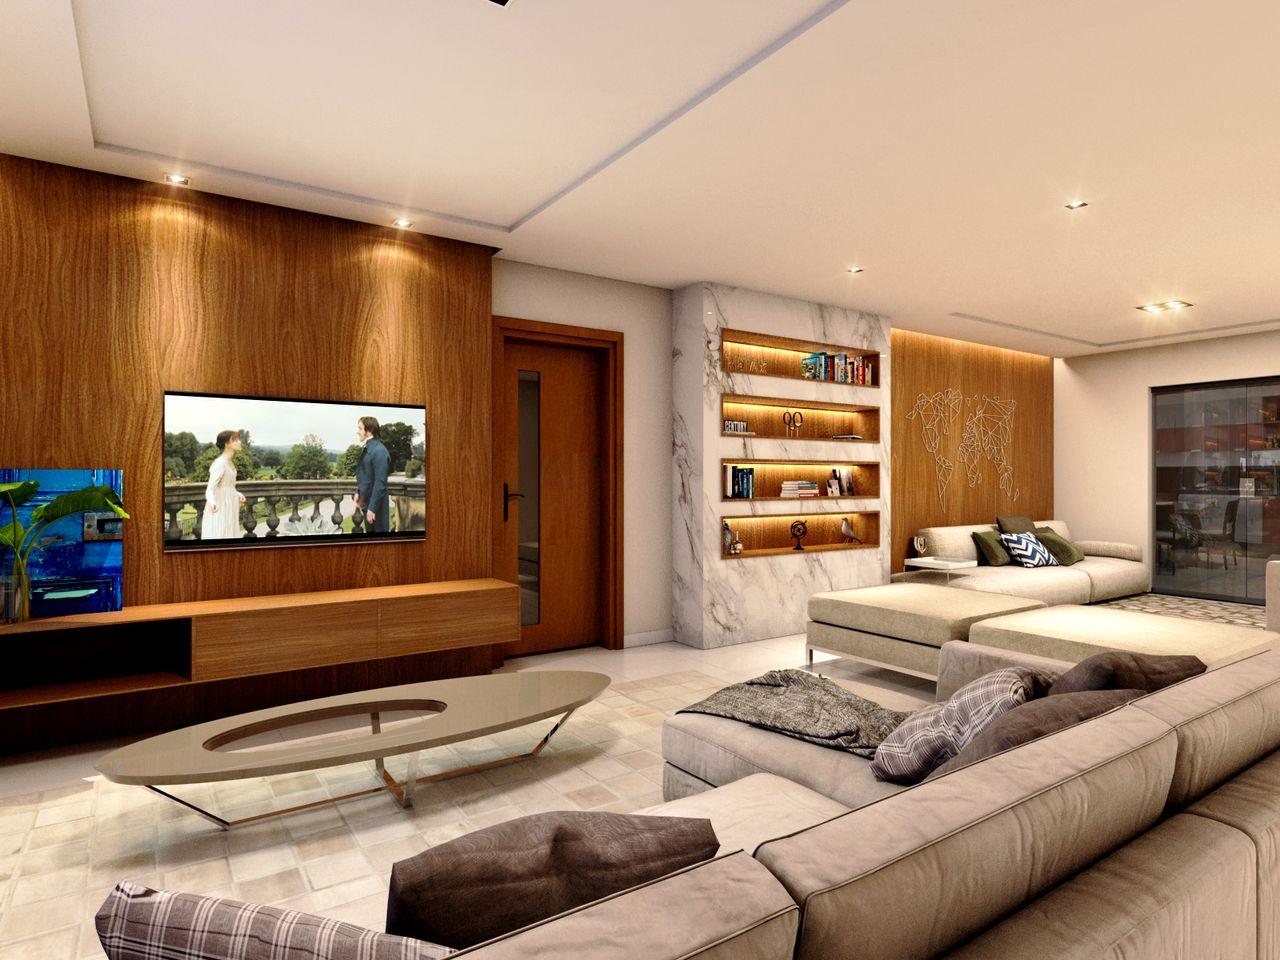 Sala De Tv Moderna E Simples.Sala De Tv Moderna Com Mesa De Centro Oval De Studio Nuvola